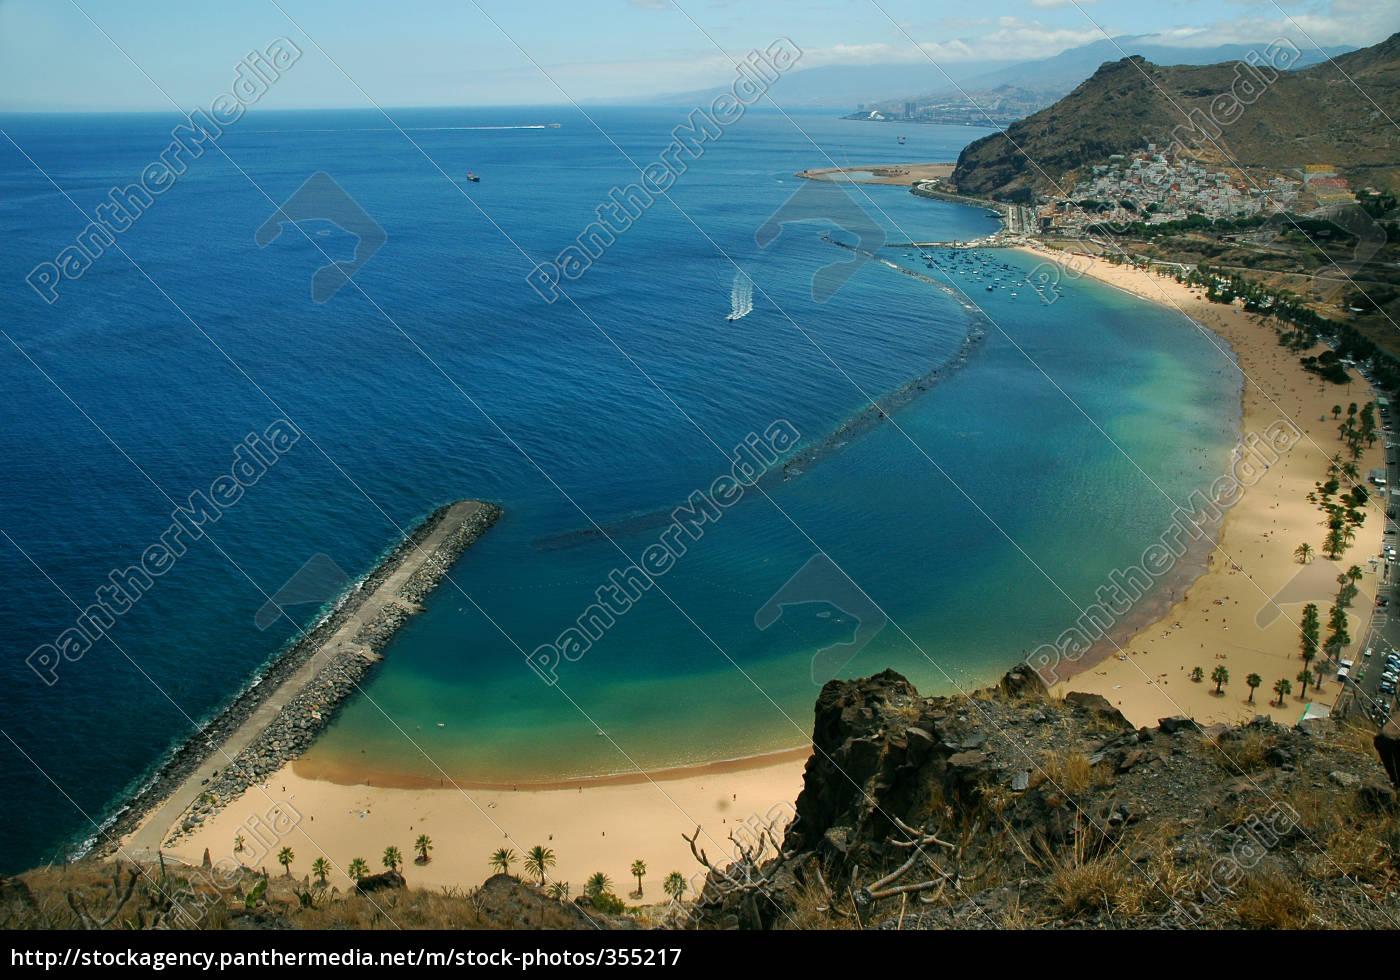 playa, de, las, teresitas - 355217